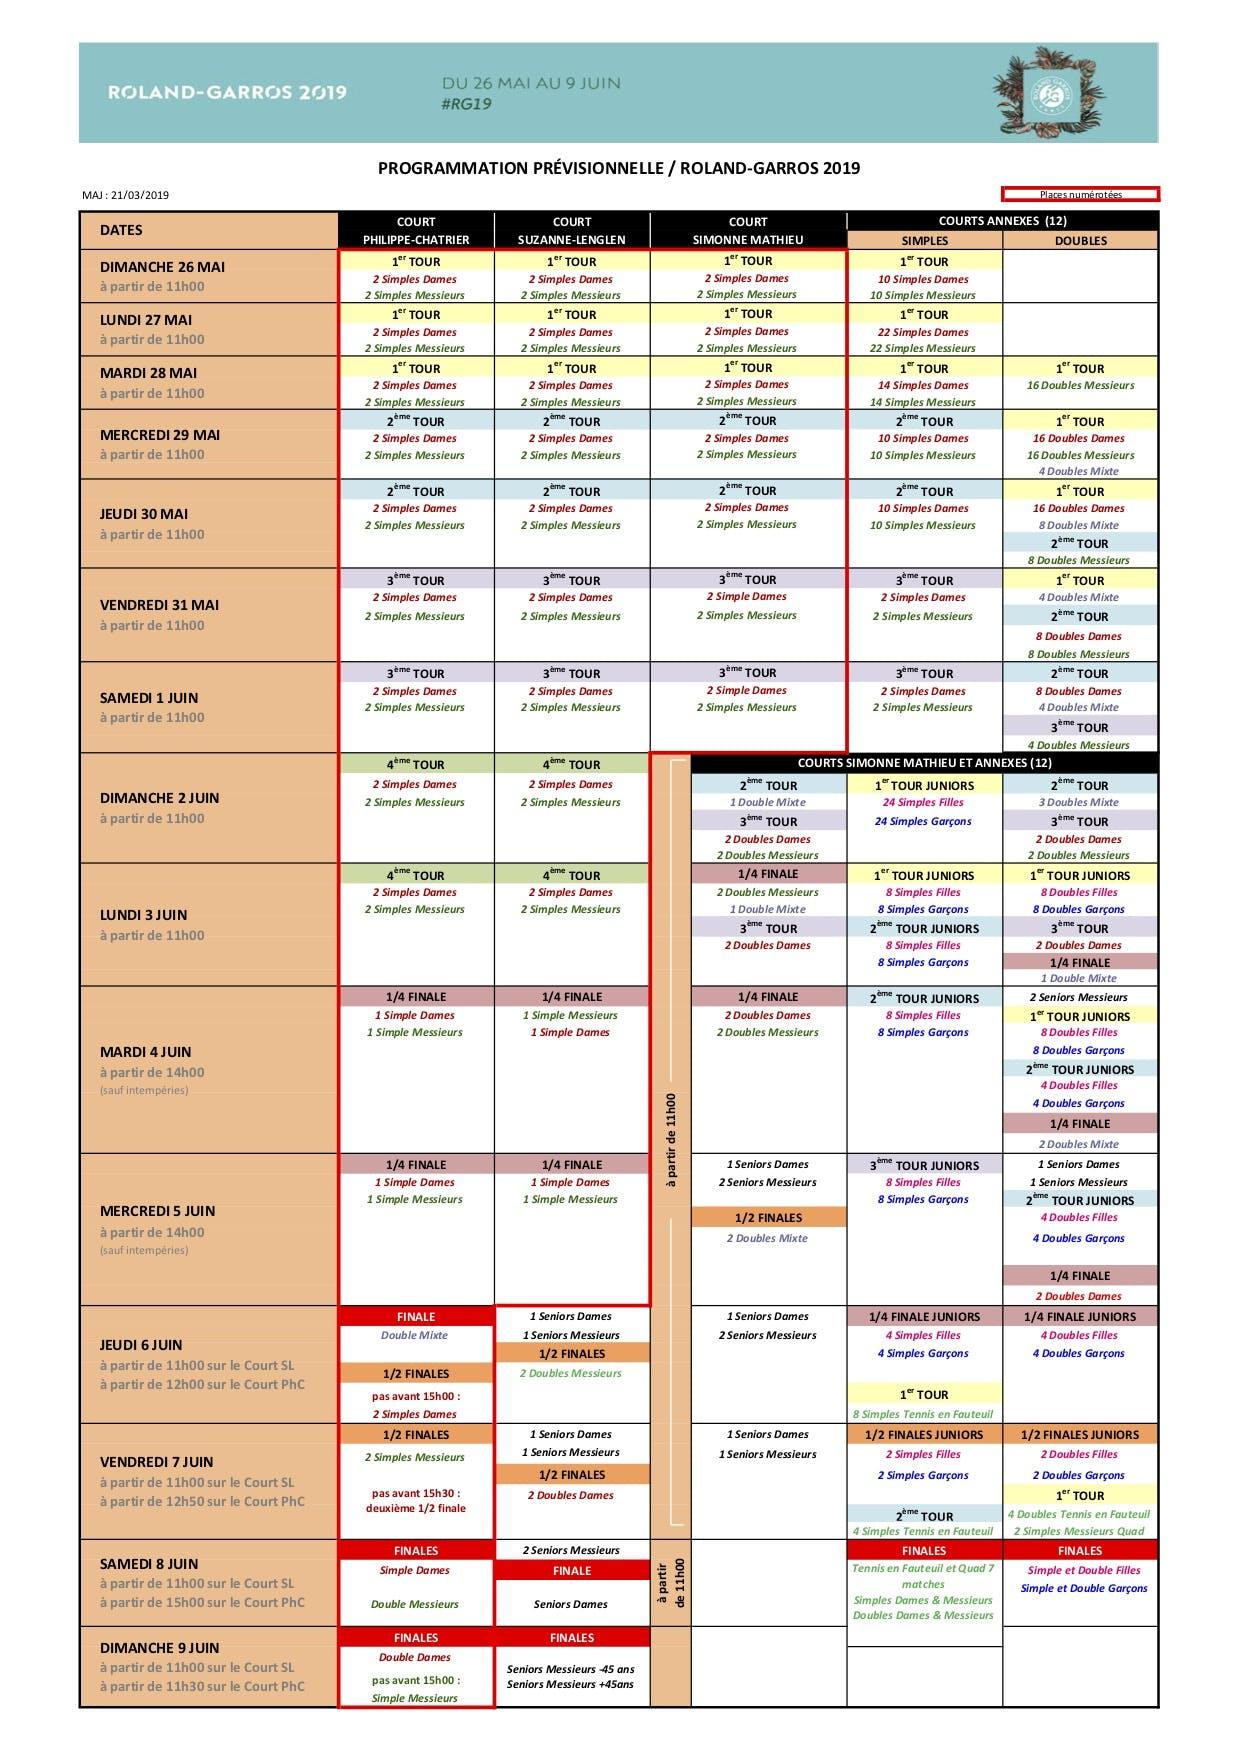 Programme Previsionnel Roland Garros Le Site Officiel Du Tournoi De Roland Garros 2020